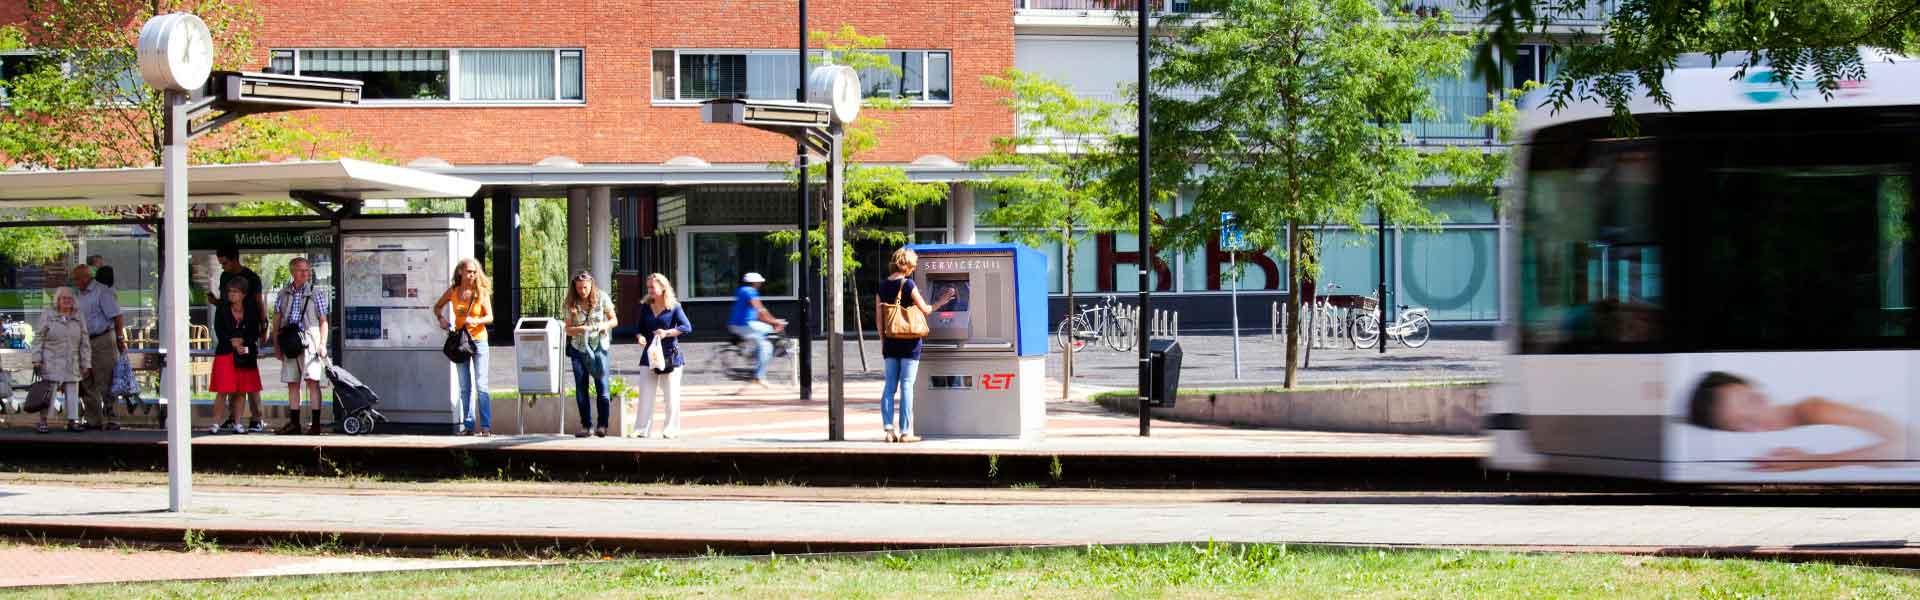 RET servicezuilen, Rotterdam